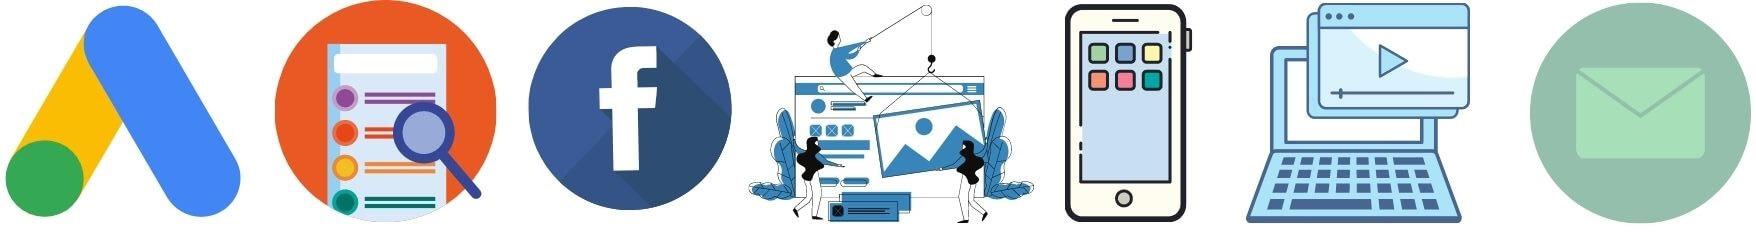 7 reklamos internete metodai: infografikas